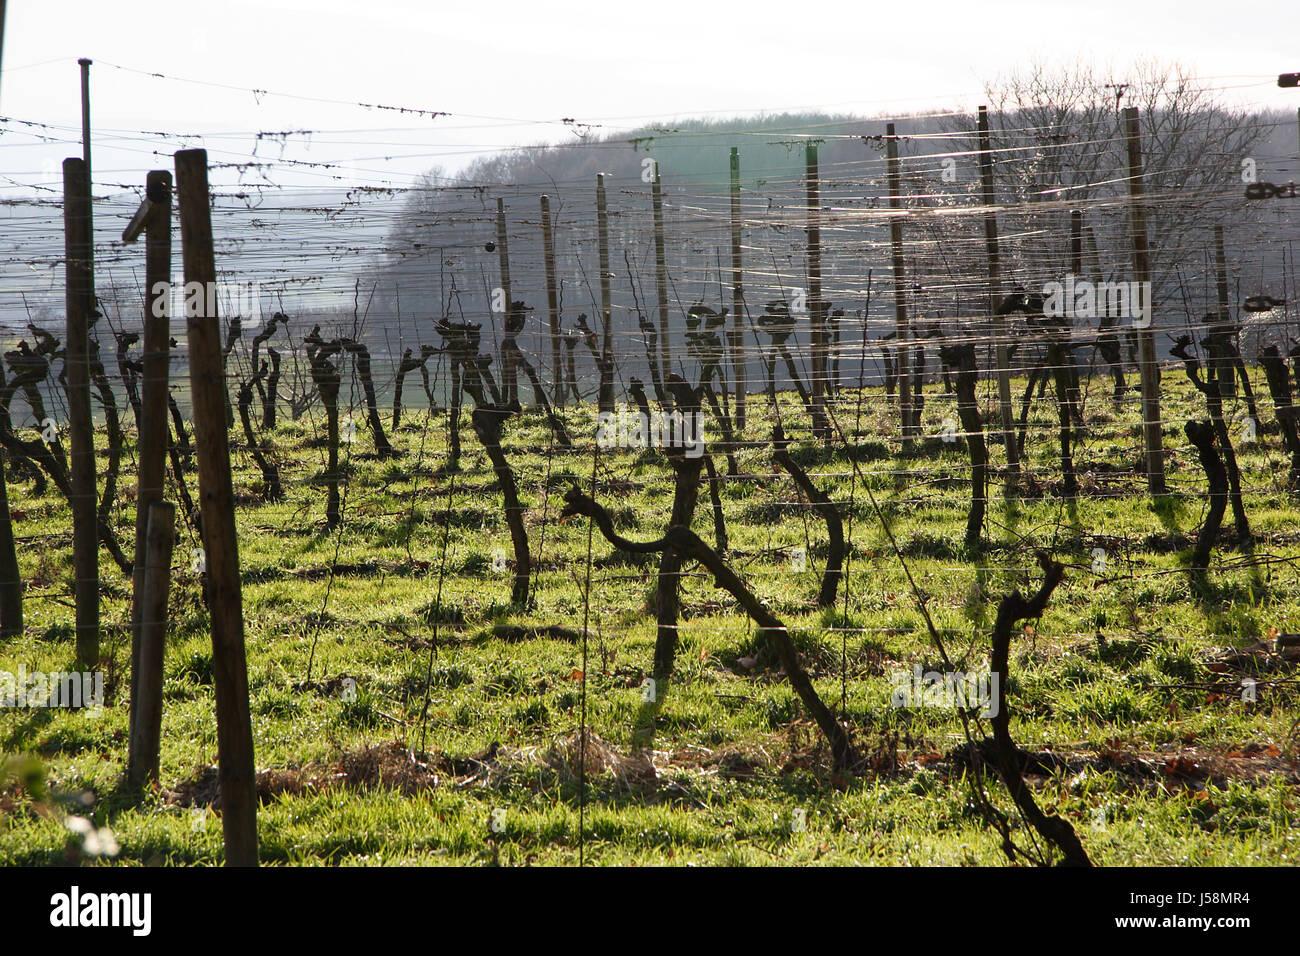 Zaun Draht Weinbau Winzer Gemeinsame Weinreben Rebe Weinrebe Rebe